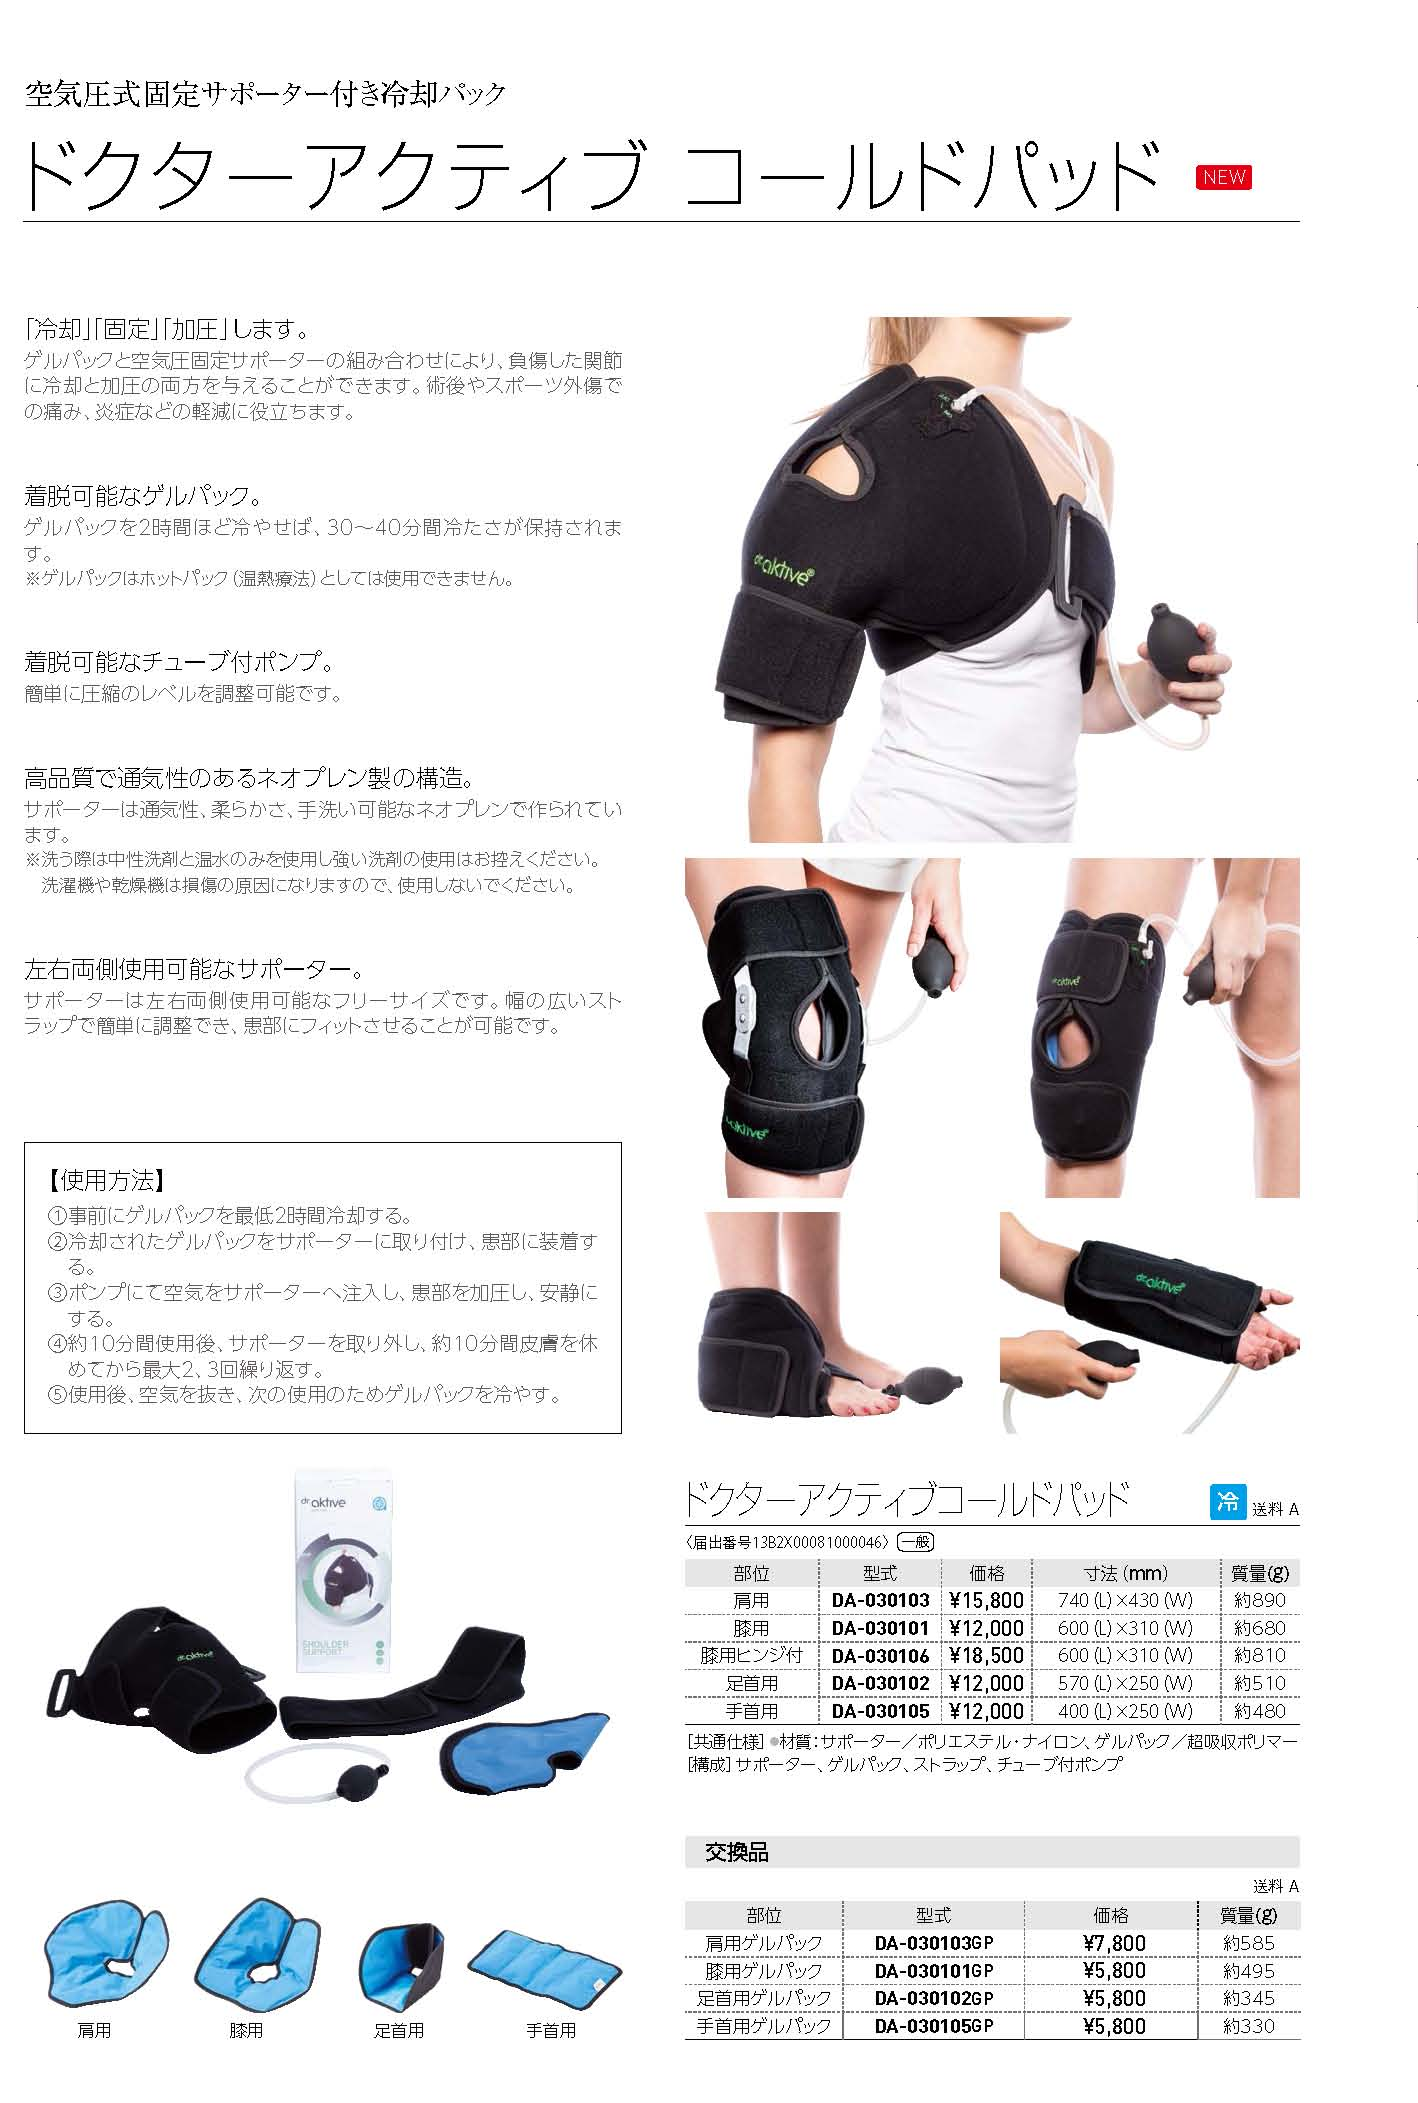 ドクターアクティブ コールドパッド(足首用)DA-030102(saYU140084)